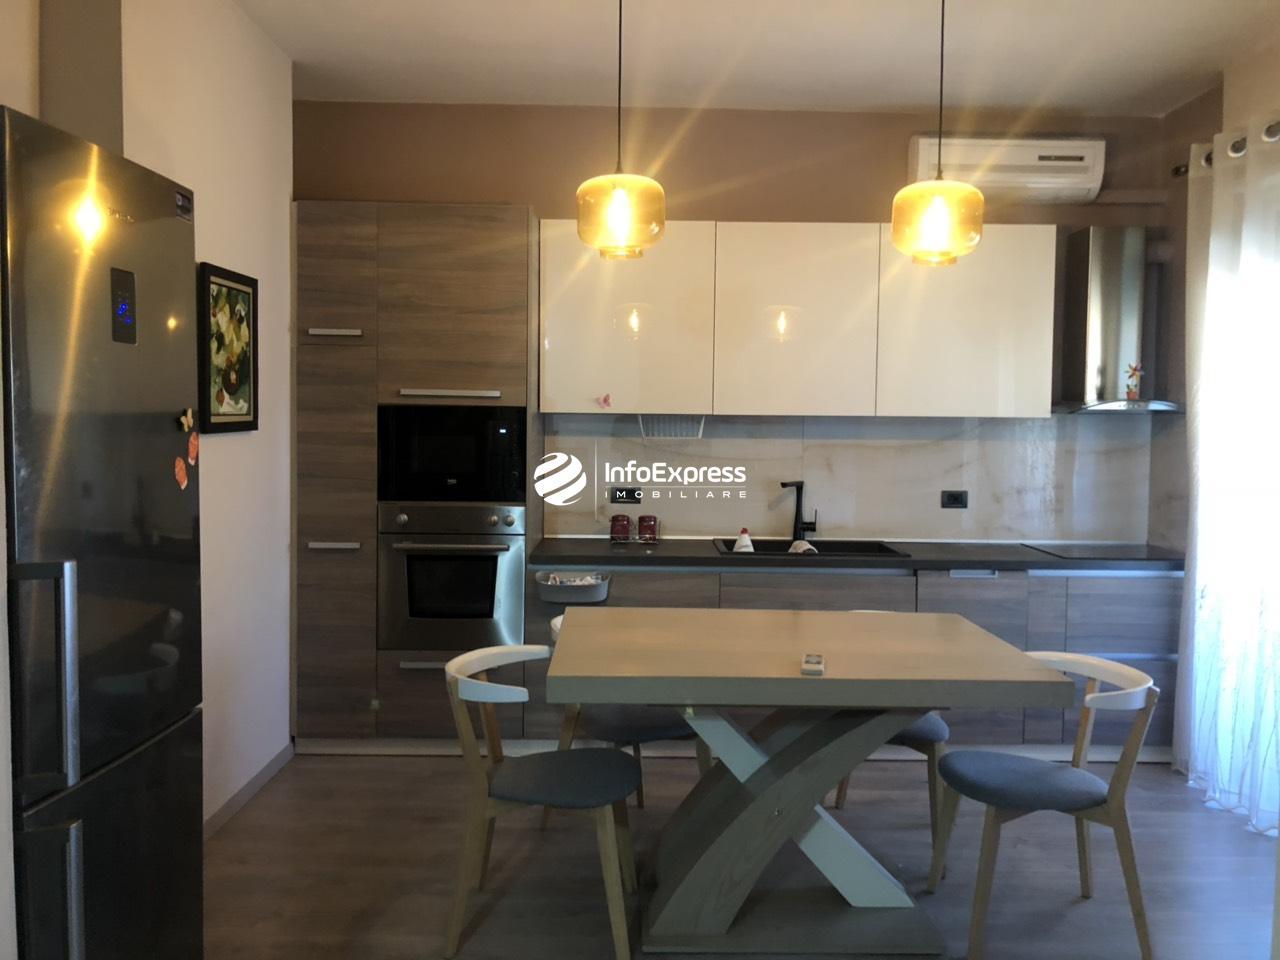 TRR-0618-1272 Jepet me qera apartament 2+1, ndodhet prane sheshit Avni Rustemi tek pazari i Ri